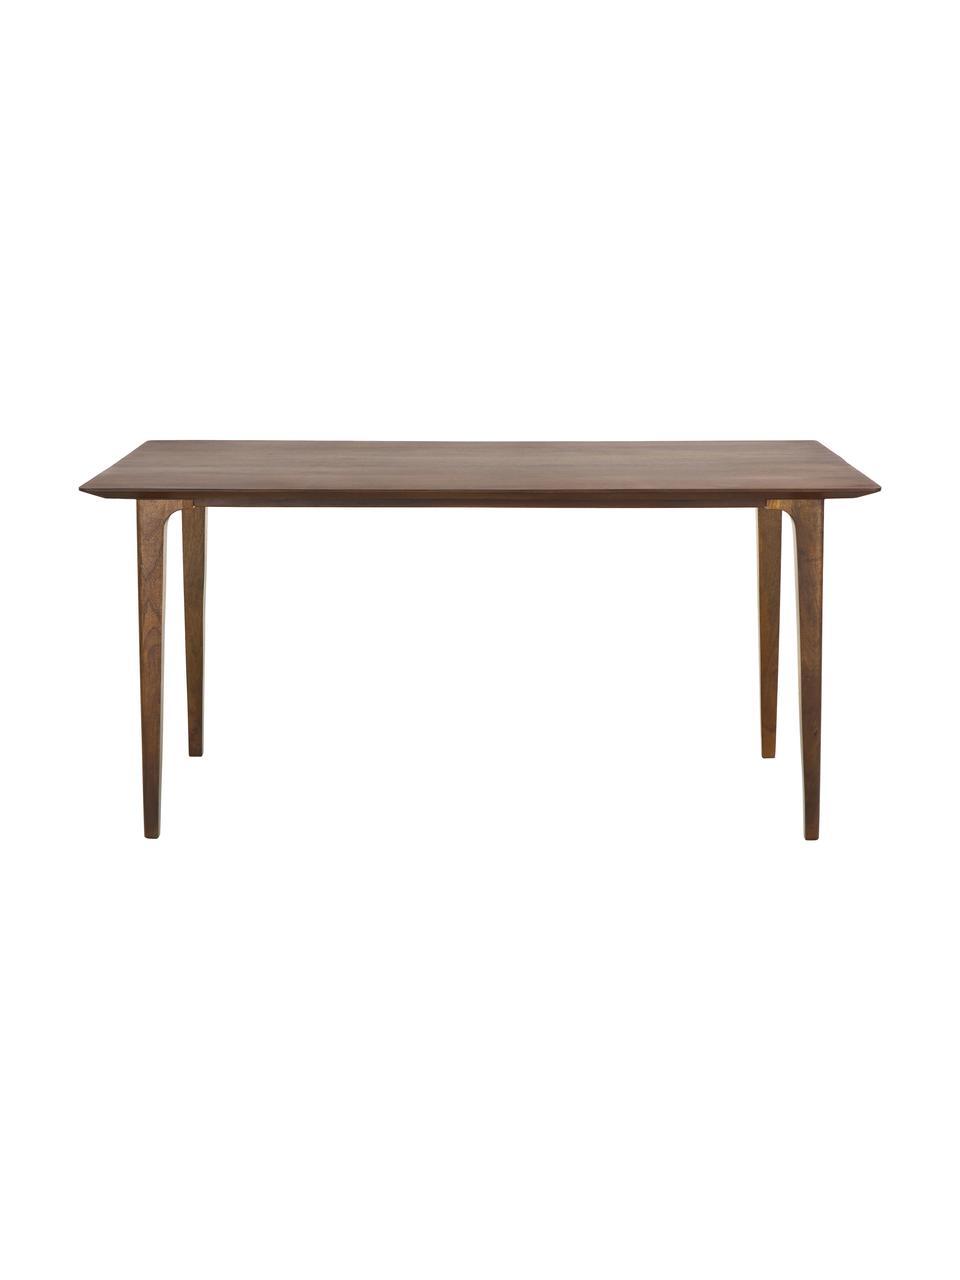 Tavolo in legno massello Archie, 160x90 cm, Legno massello di mango verniciato, Legno di mango, scuro verniciato, Larg. 160 x Prof. 90 cm